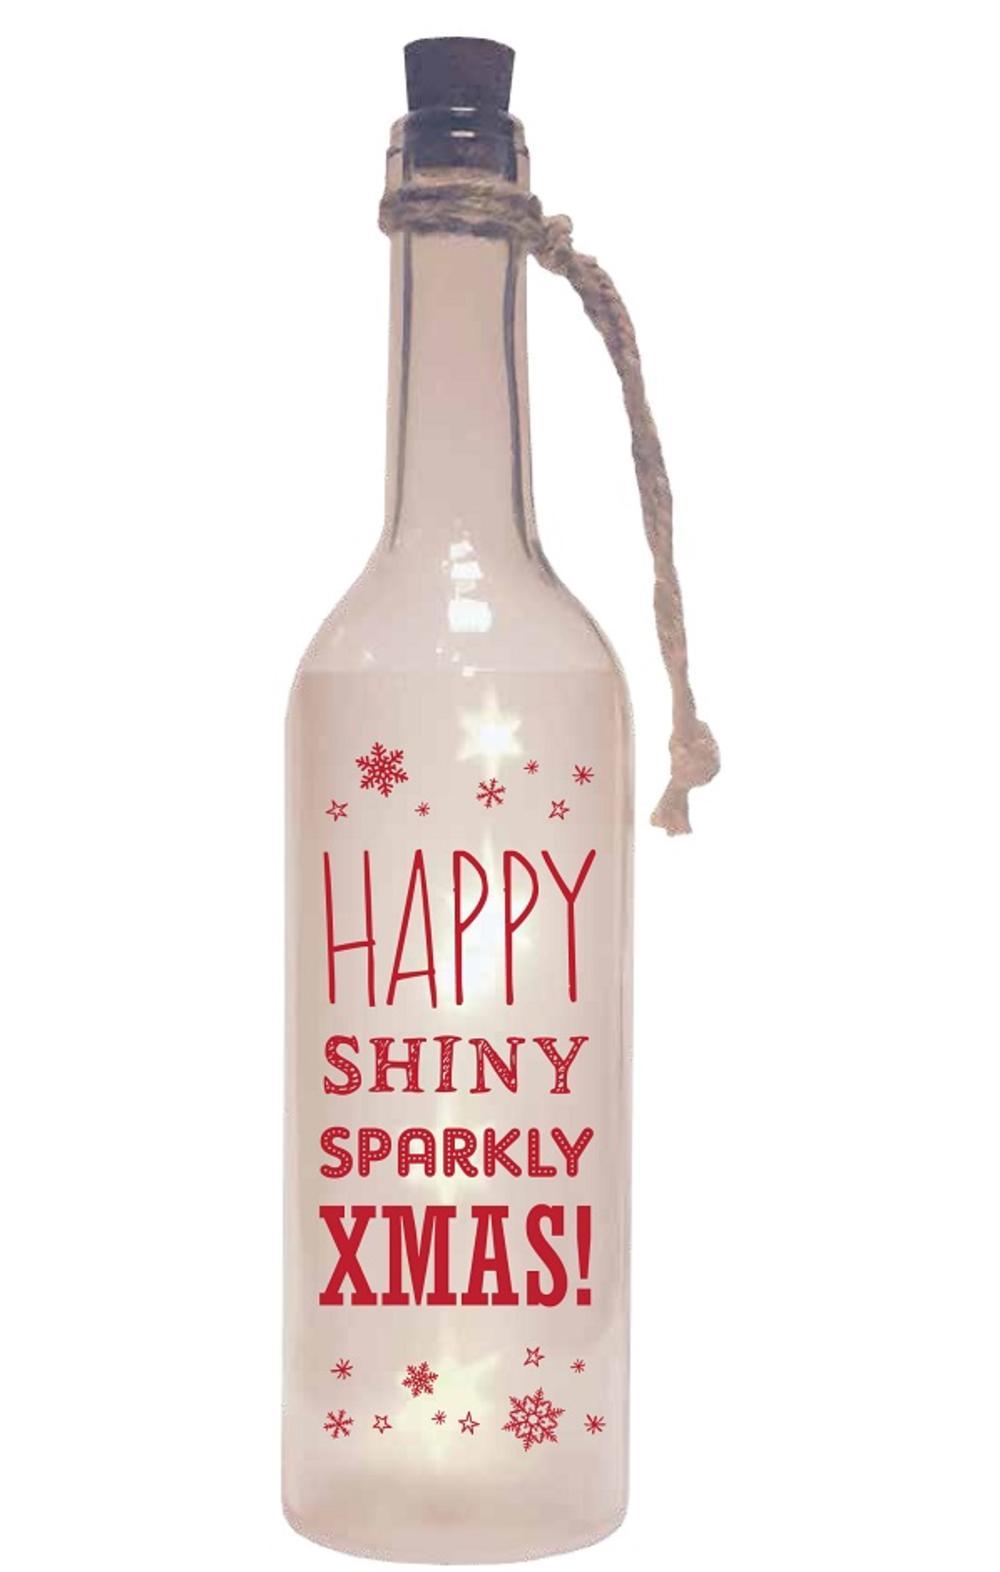 Sparkly Christmas Starlight Bottle Light Up Sentimental Message Bottles